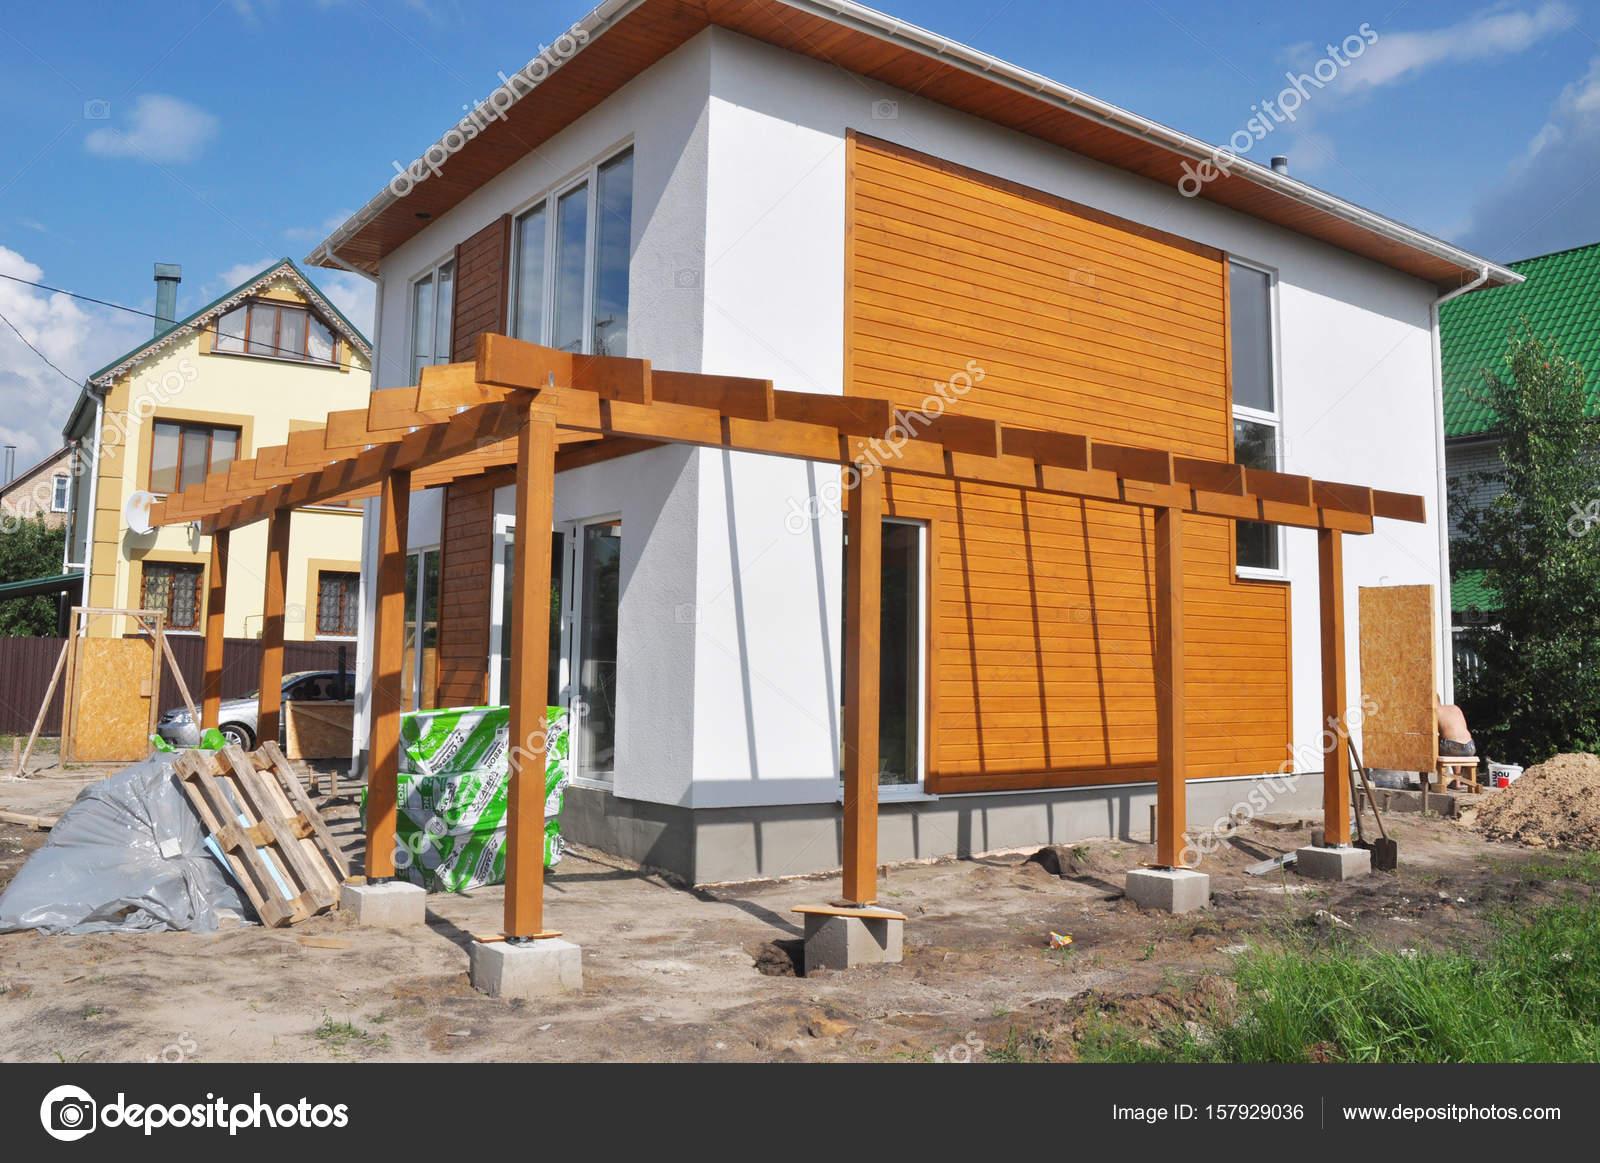 Kiev ucr nia junho 11 2017 constru o de casas for Casa moderna 2017